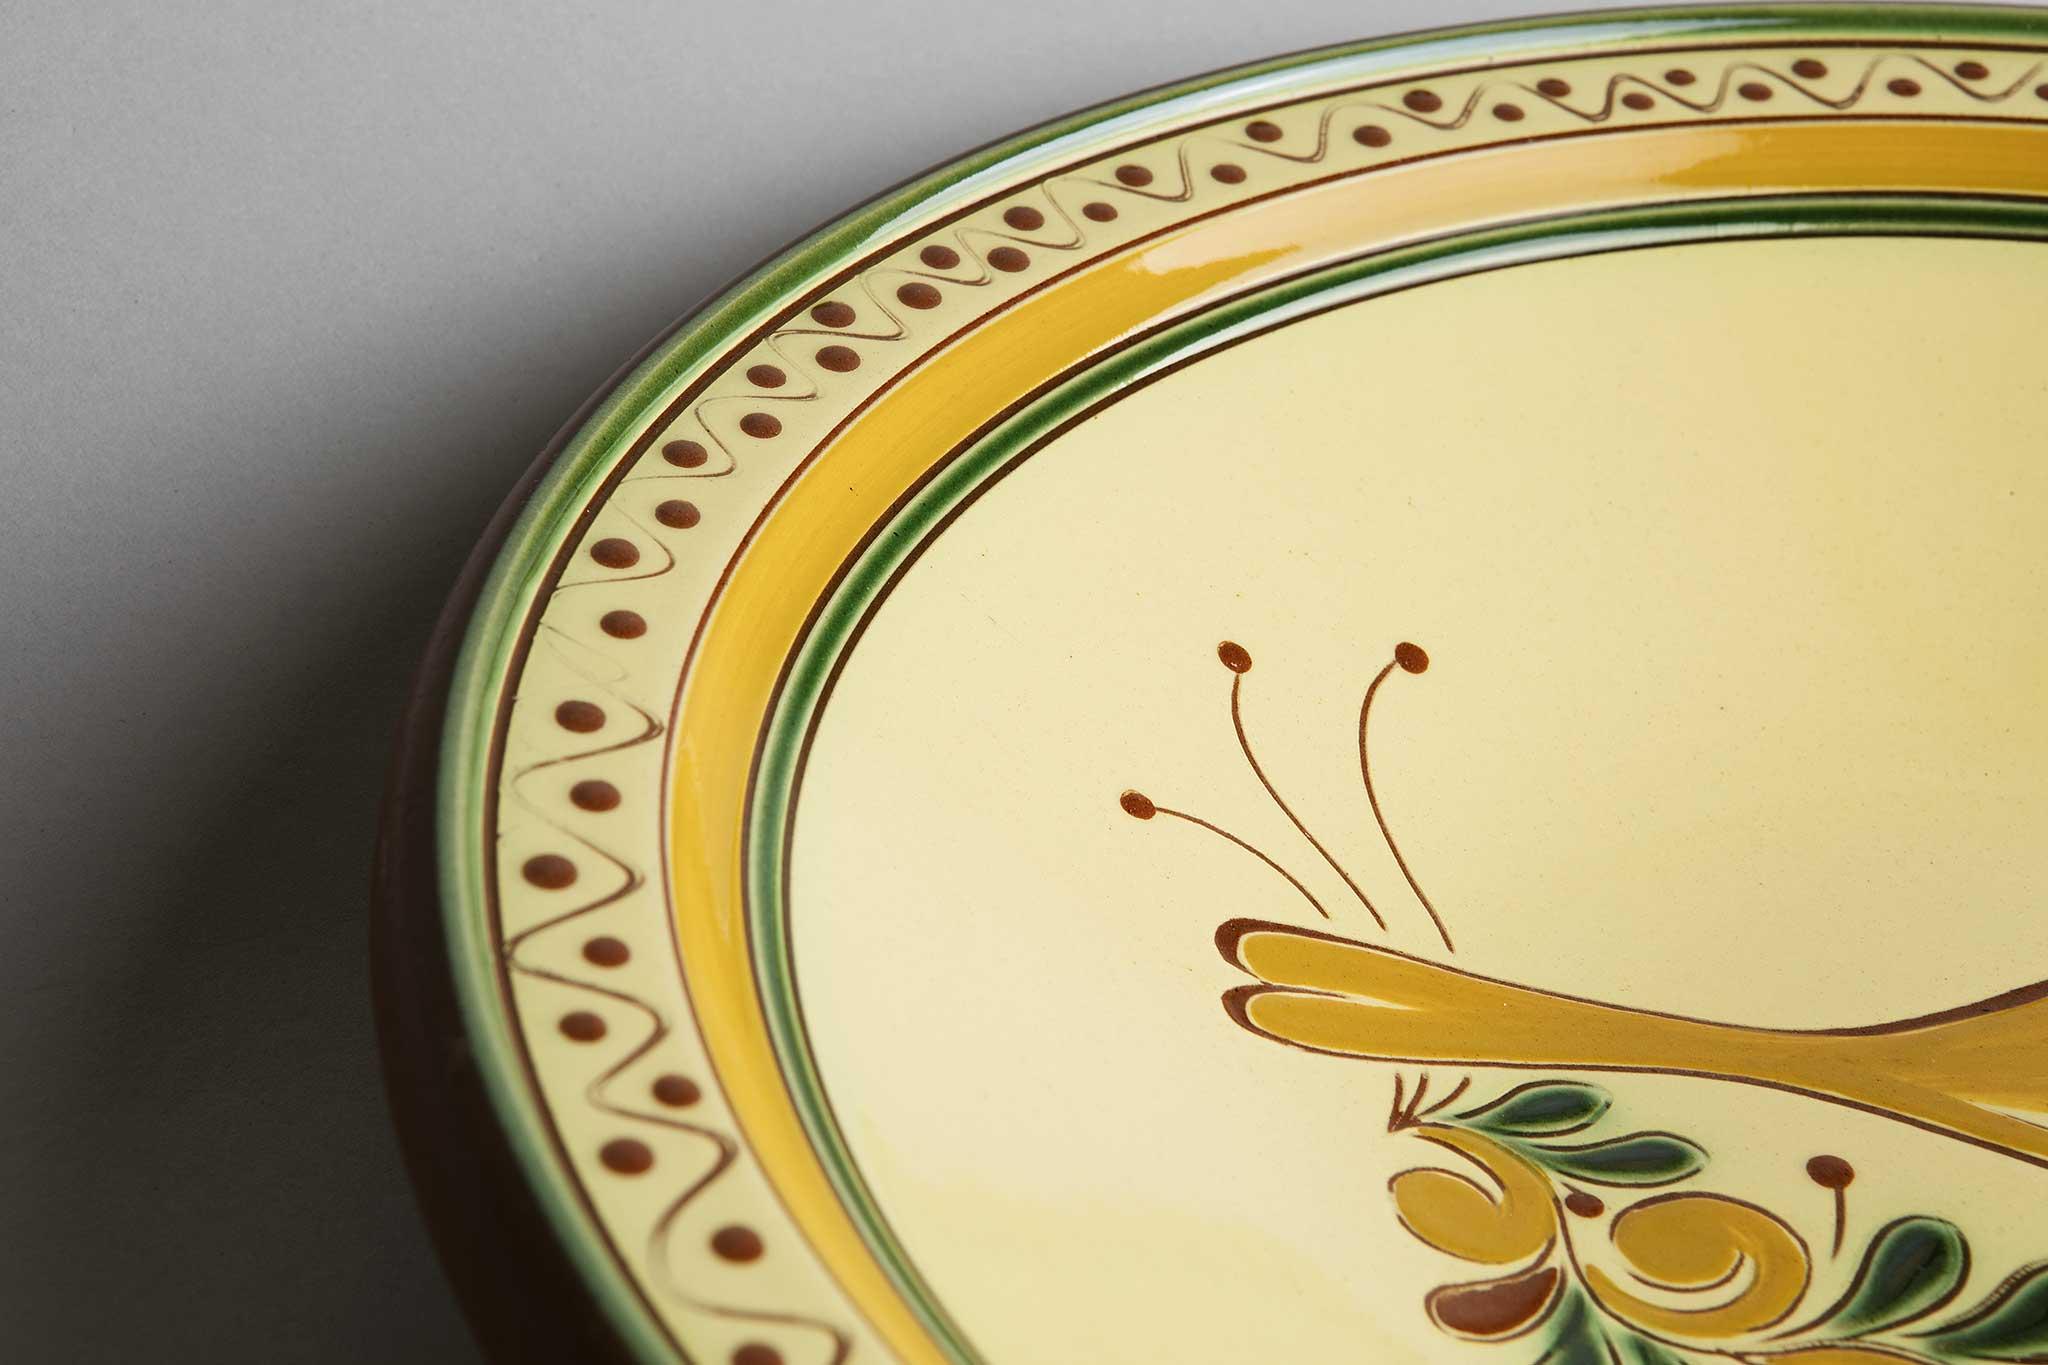 Serveringsfat, stort, fugl, fra Potteriet Røros. Foto: Tom Gustavsen